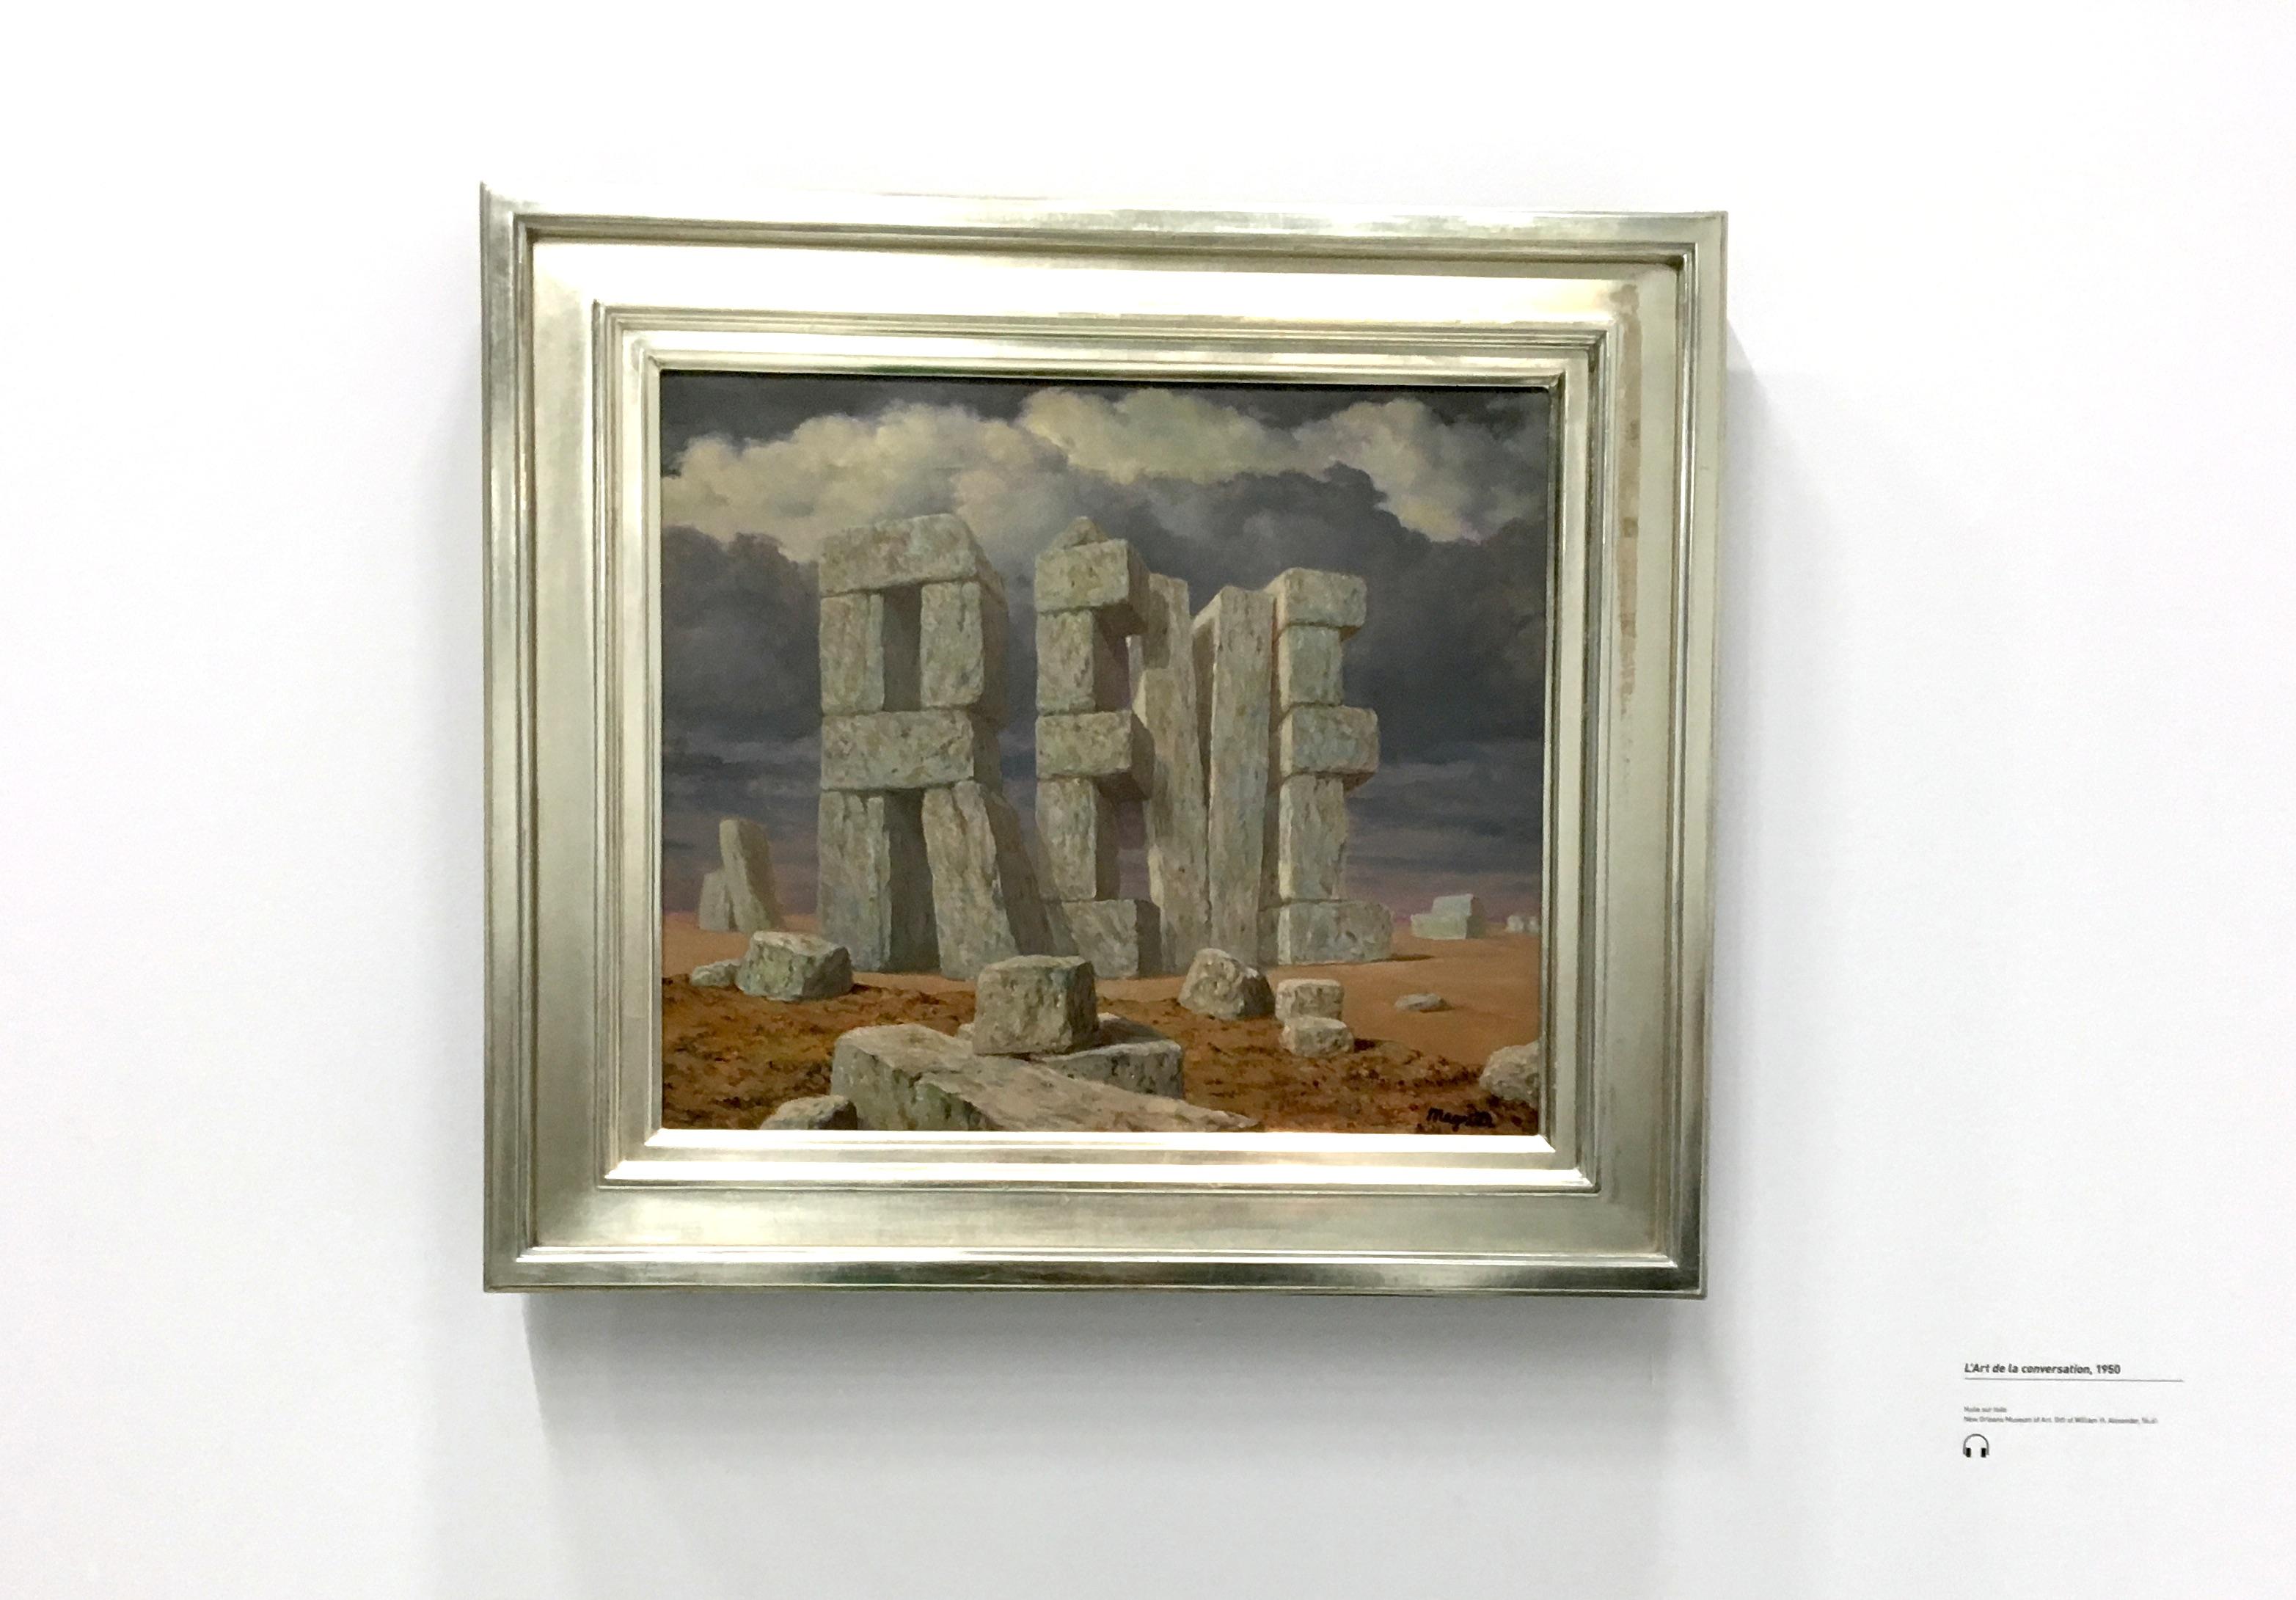 Peinture de Magritte avec le mot reve